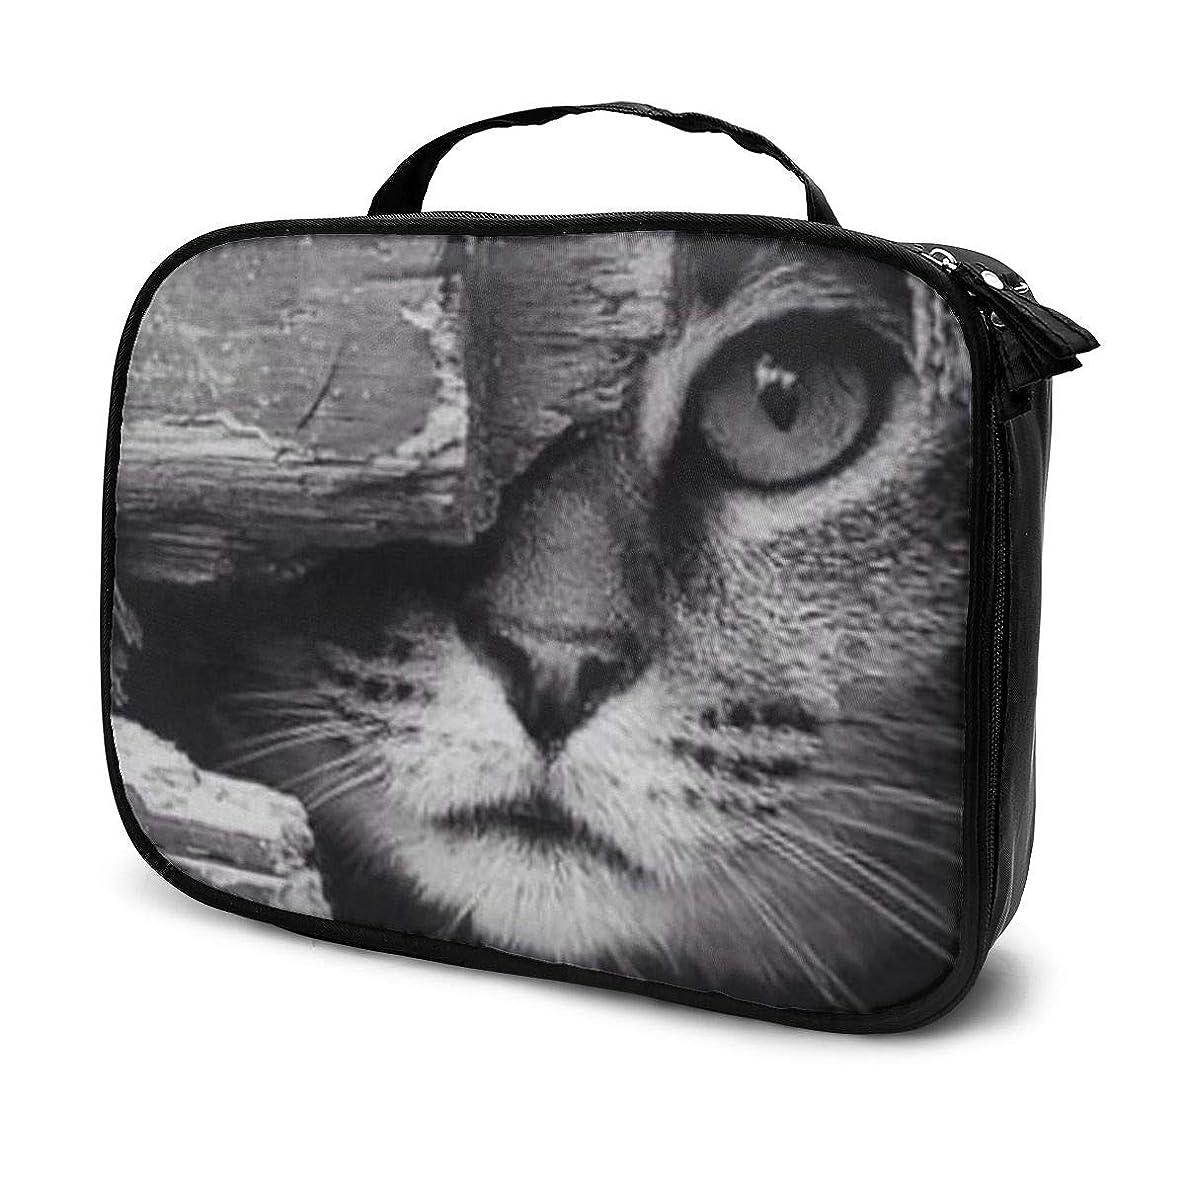 思いやり穀物なめらかなメイクボックス メイクケース メイクブラシバッグ エクストラ ラージコスメ収納ケース 化粧品バッグ覗き猫 旅行用 大容量 高品質 プロ用 おしゃれ 多機能